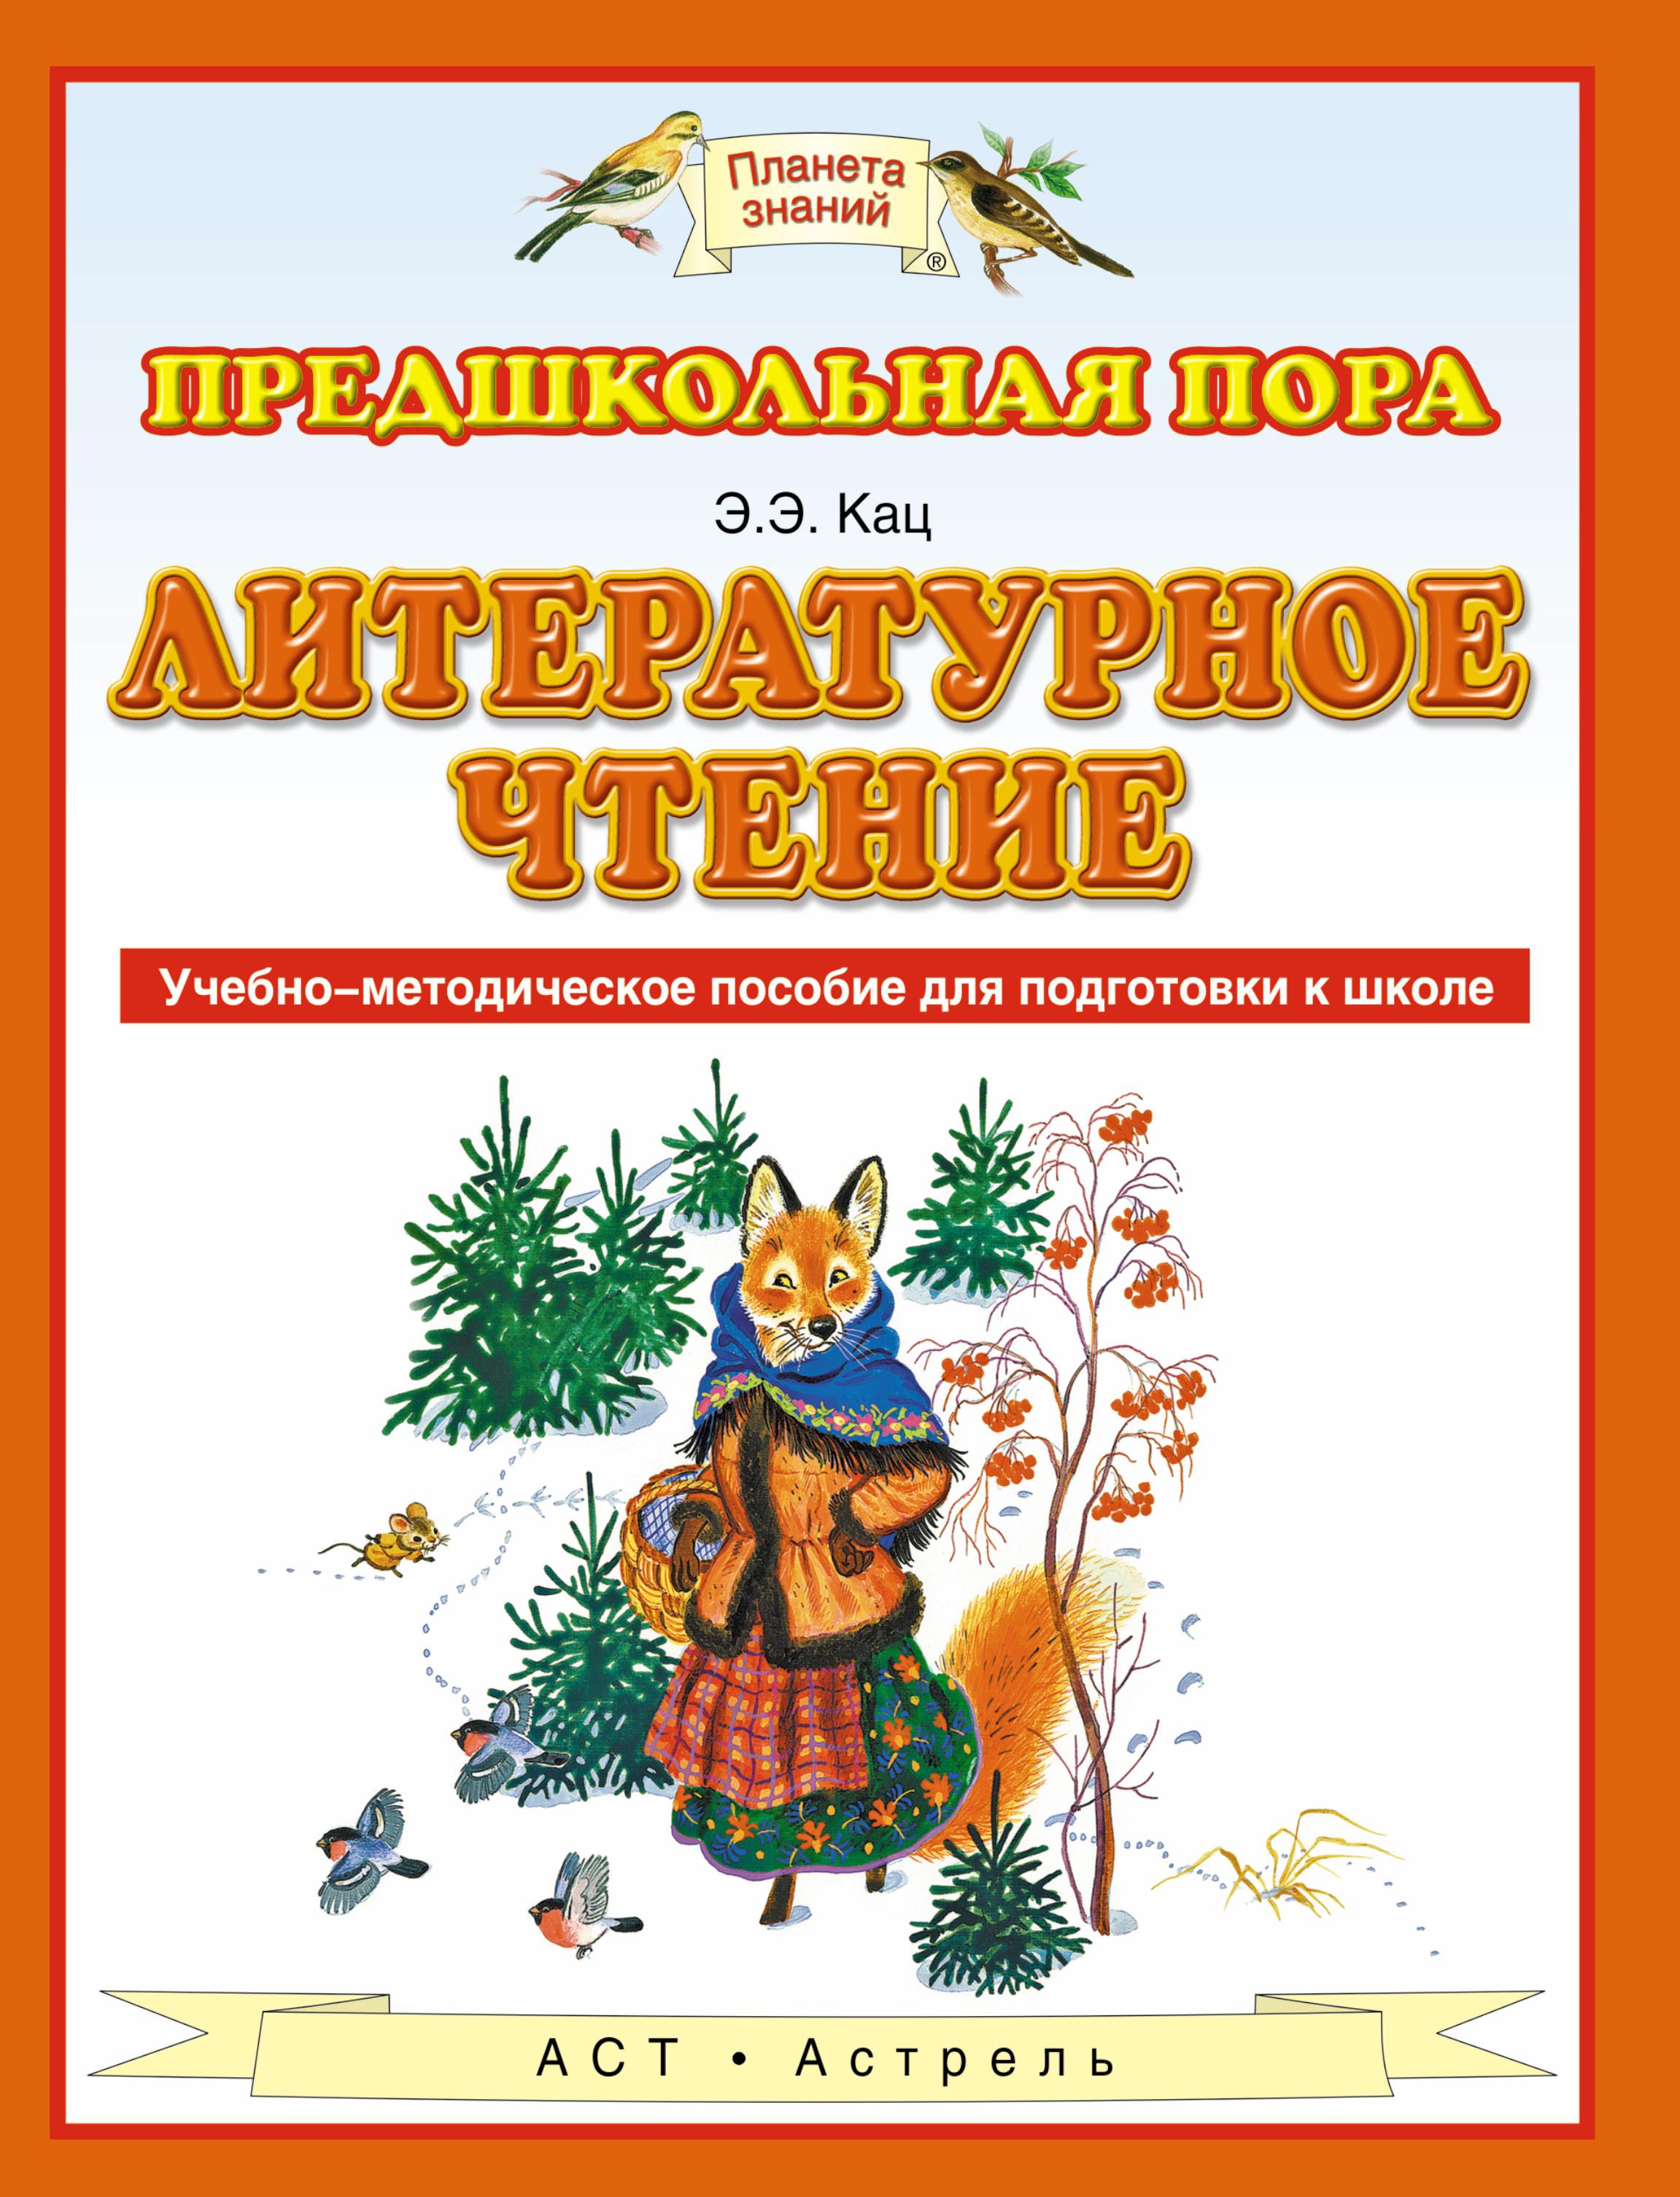 Литературное чтение. 5 7 лет. Учебно-методическое пособие для подготовки к школе